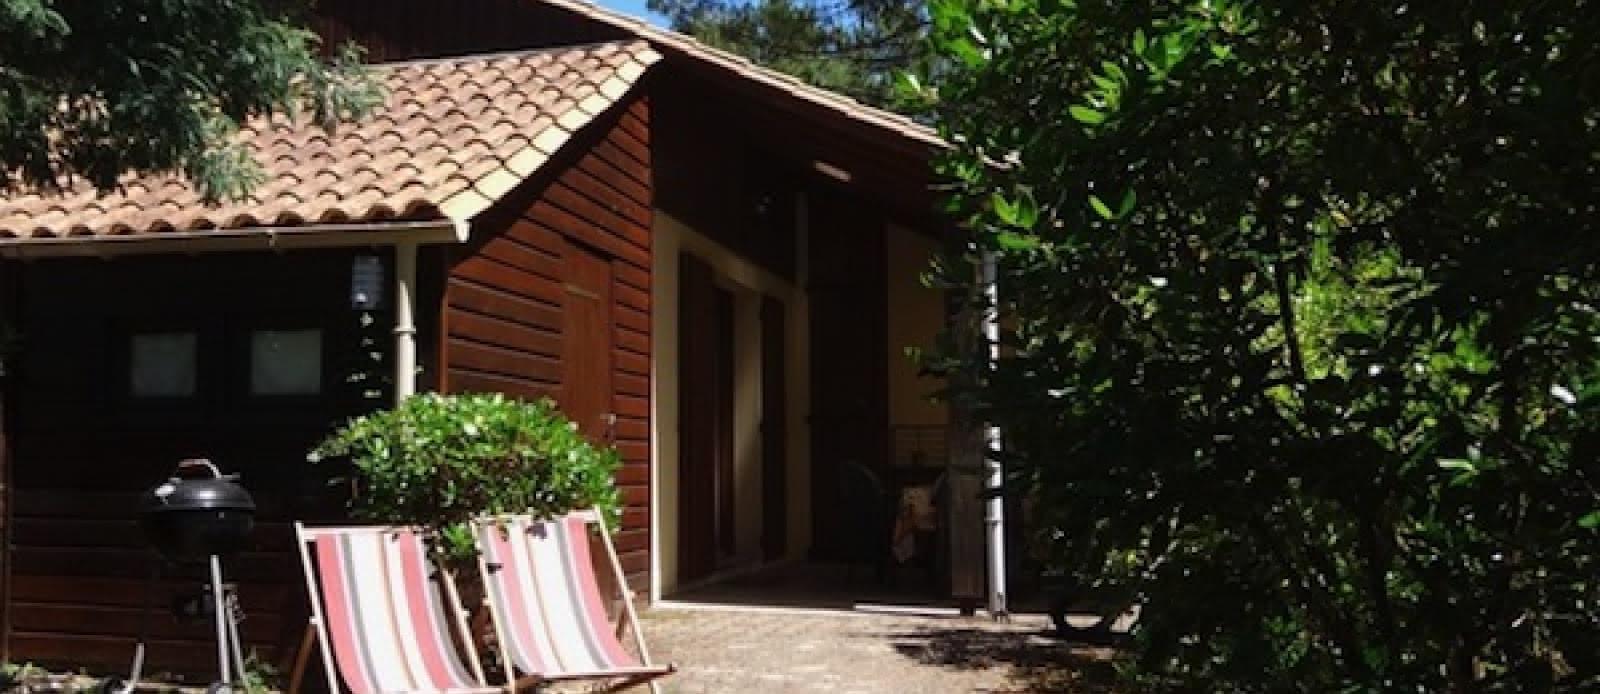 Mme Lauzin - Maison des Mâts2